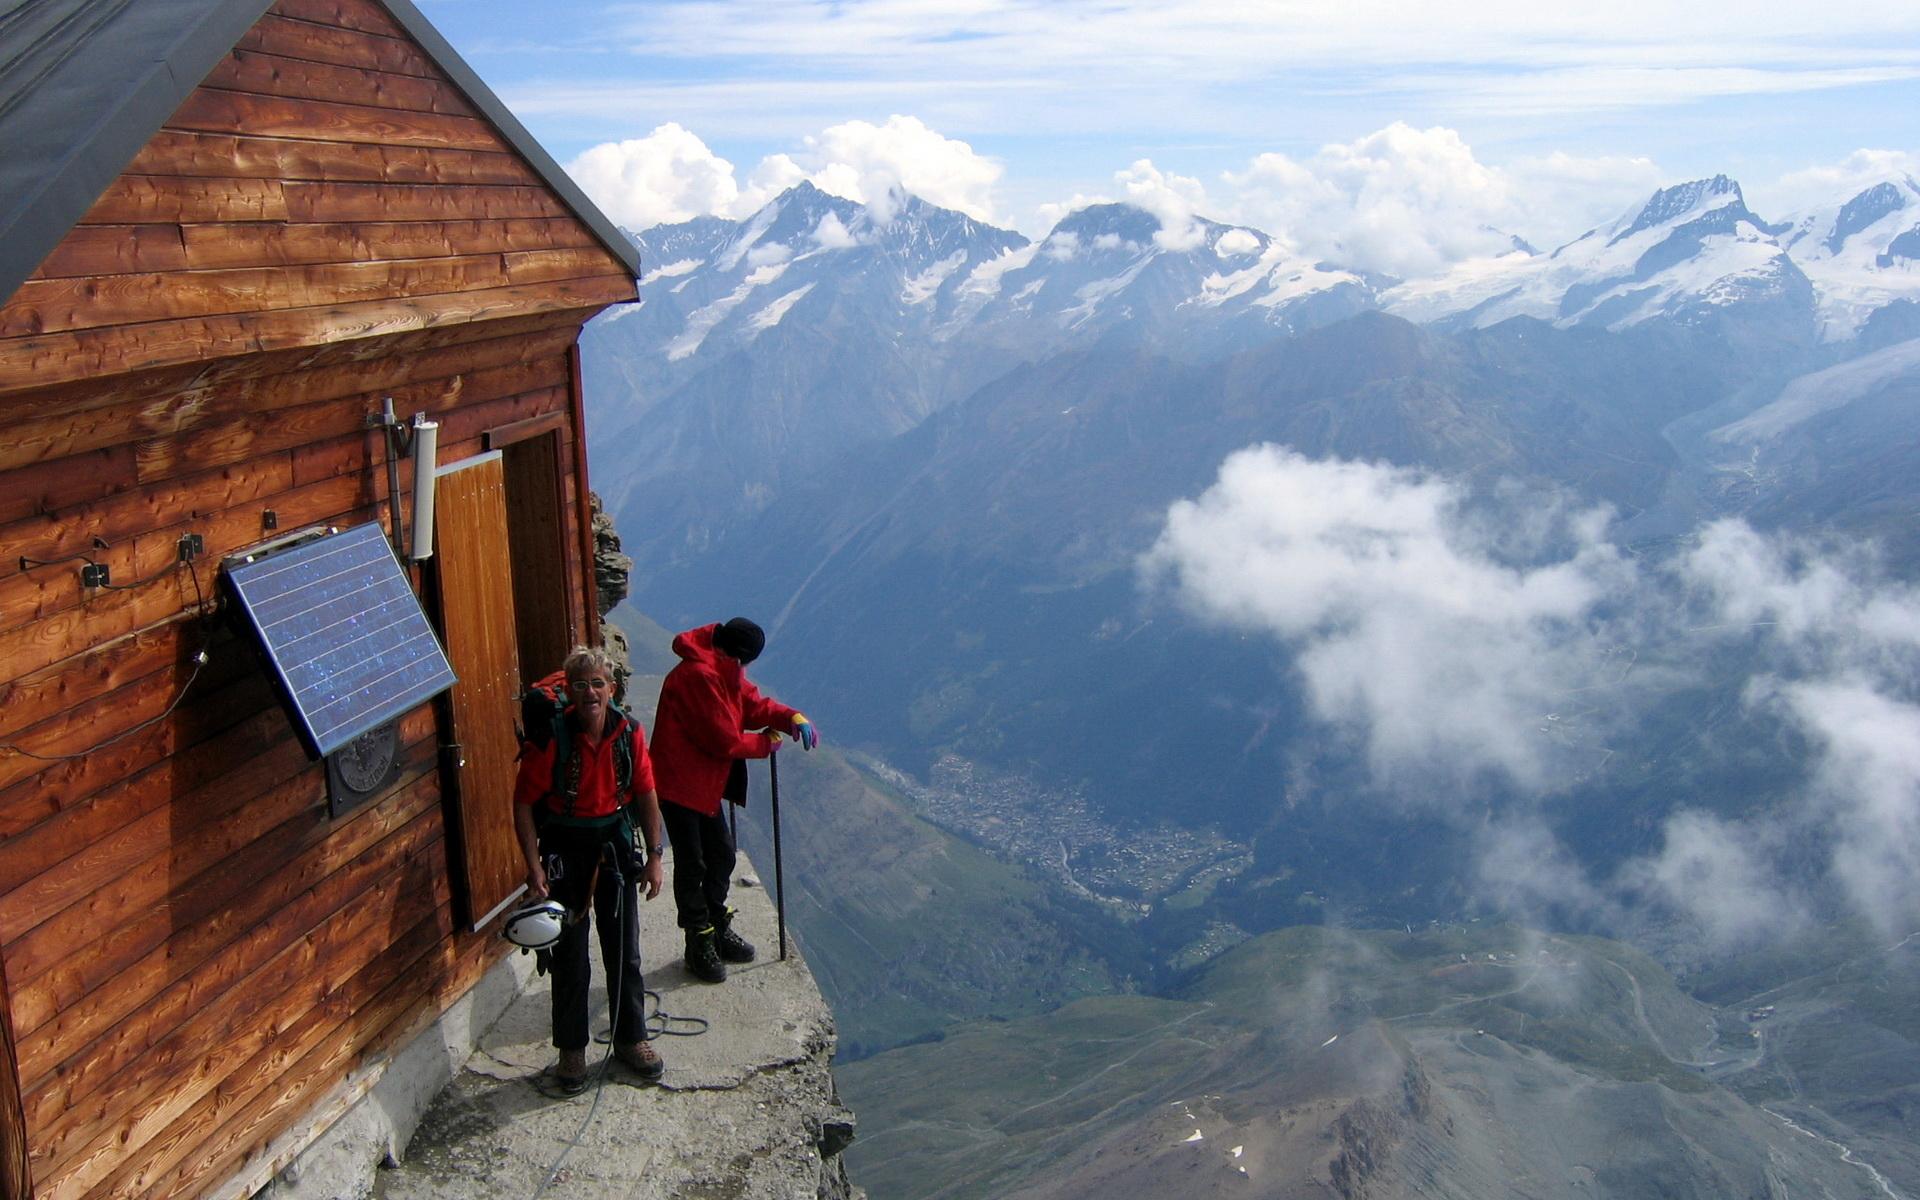 Zermatt Switzerland  city photos : Switzerland, Zermatt wallpapers and images wallpapers, pictures ...